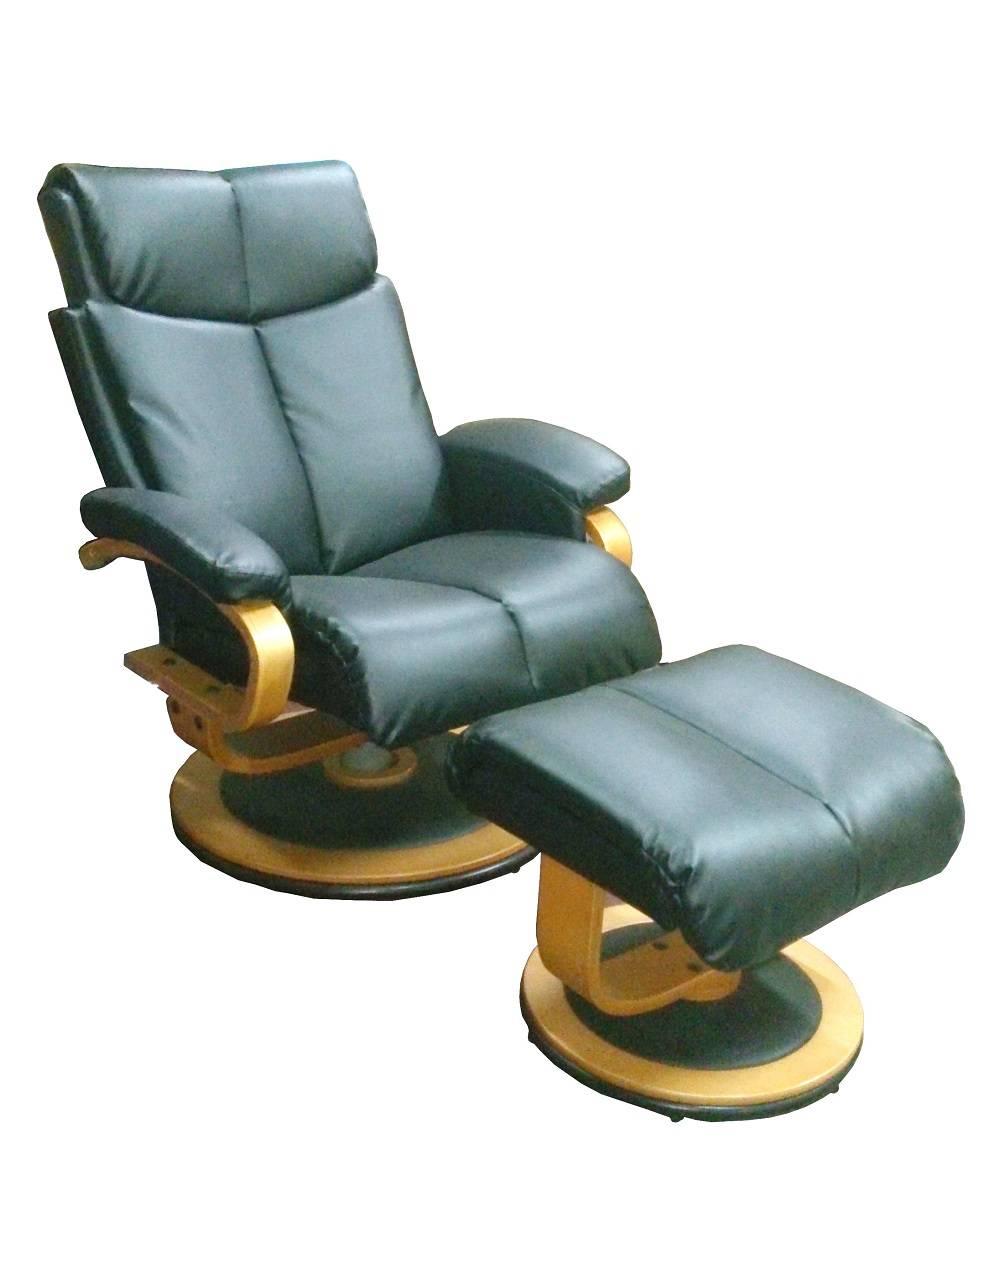 BH-8222 Recliner Chair, Recliner Sofa, Reclining Chair, Reclining Sofa, Home Furniture, House Furn